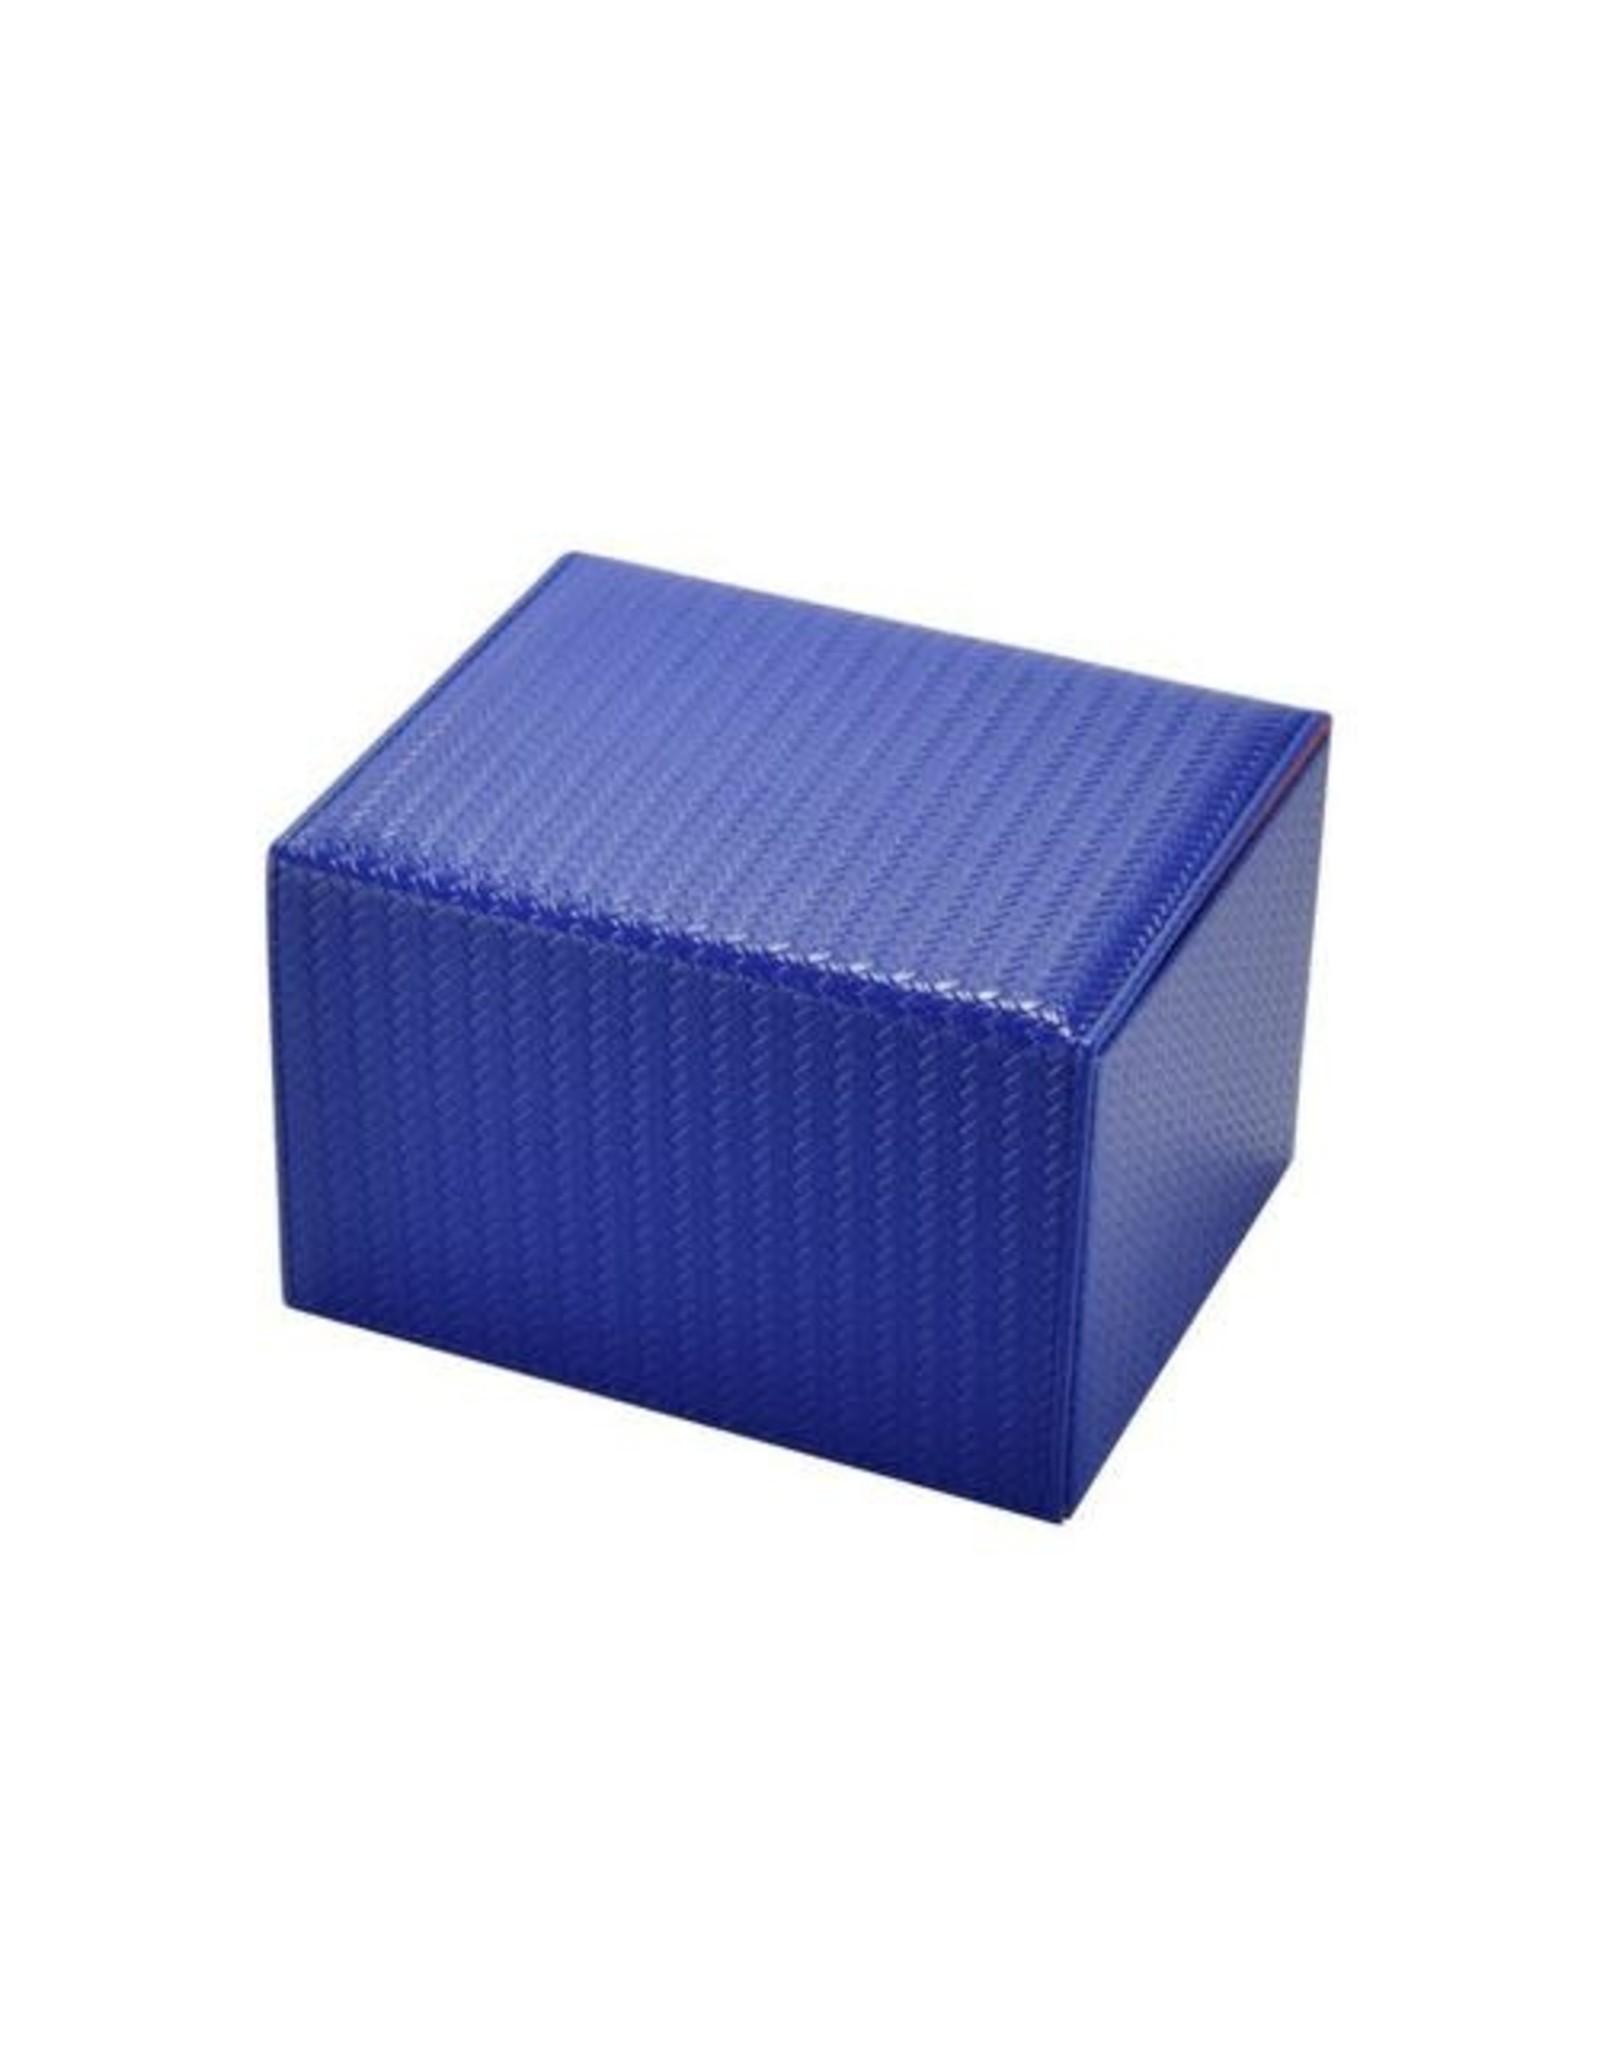 Dex Protection Dex Proline Large Blue 100ct